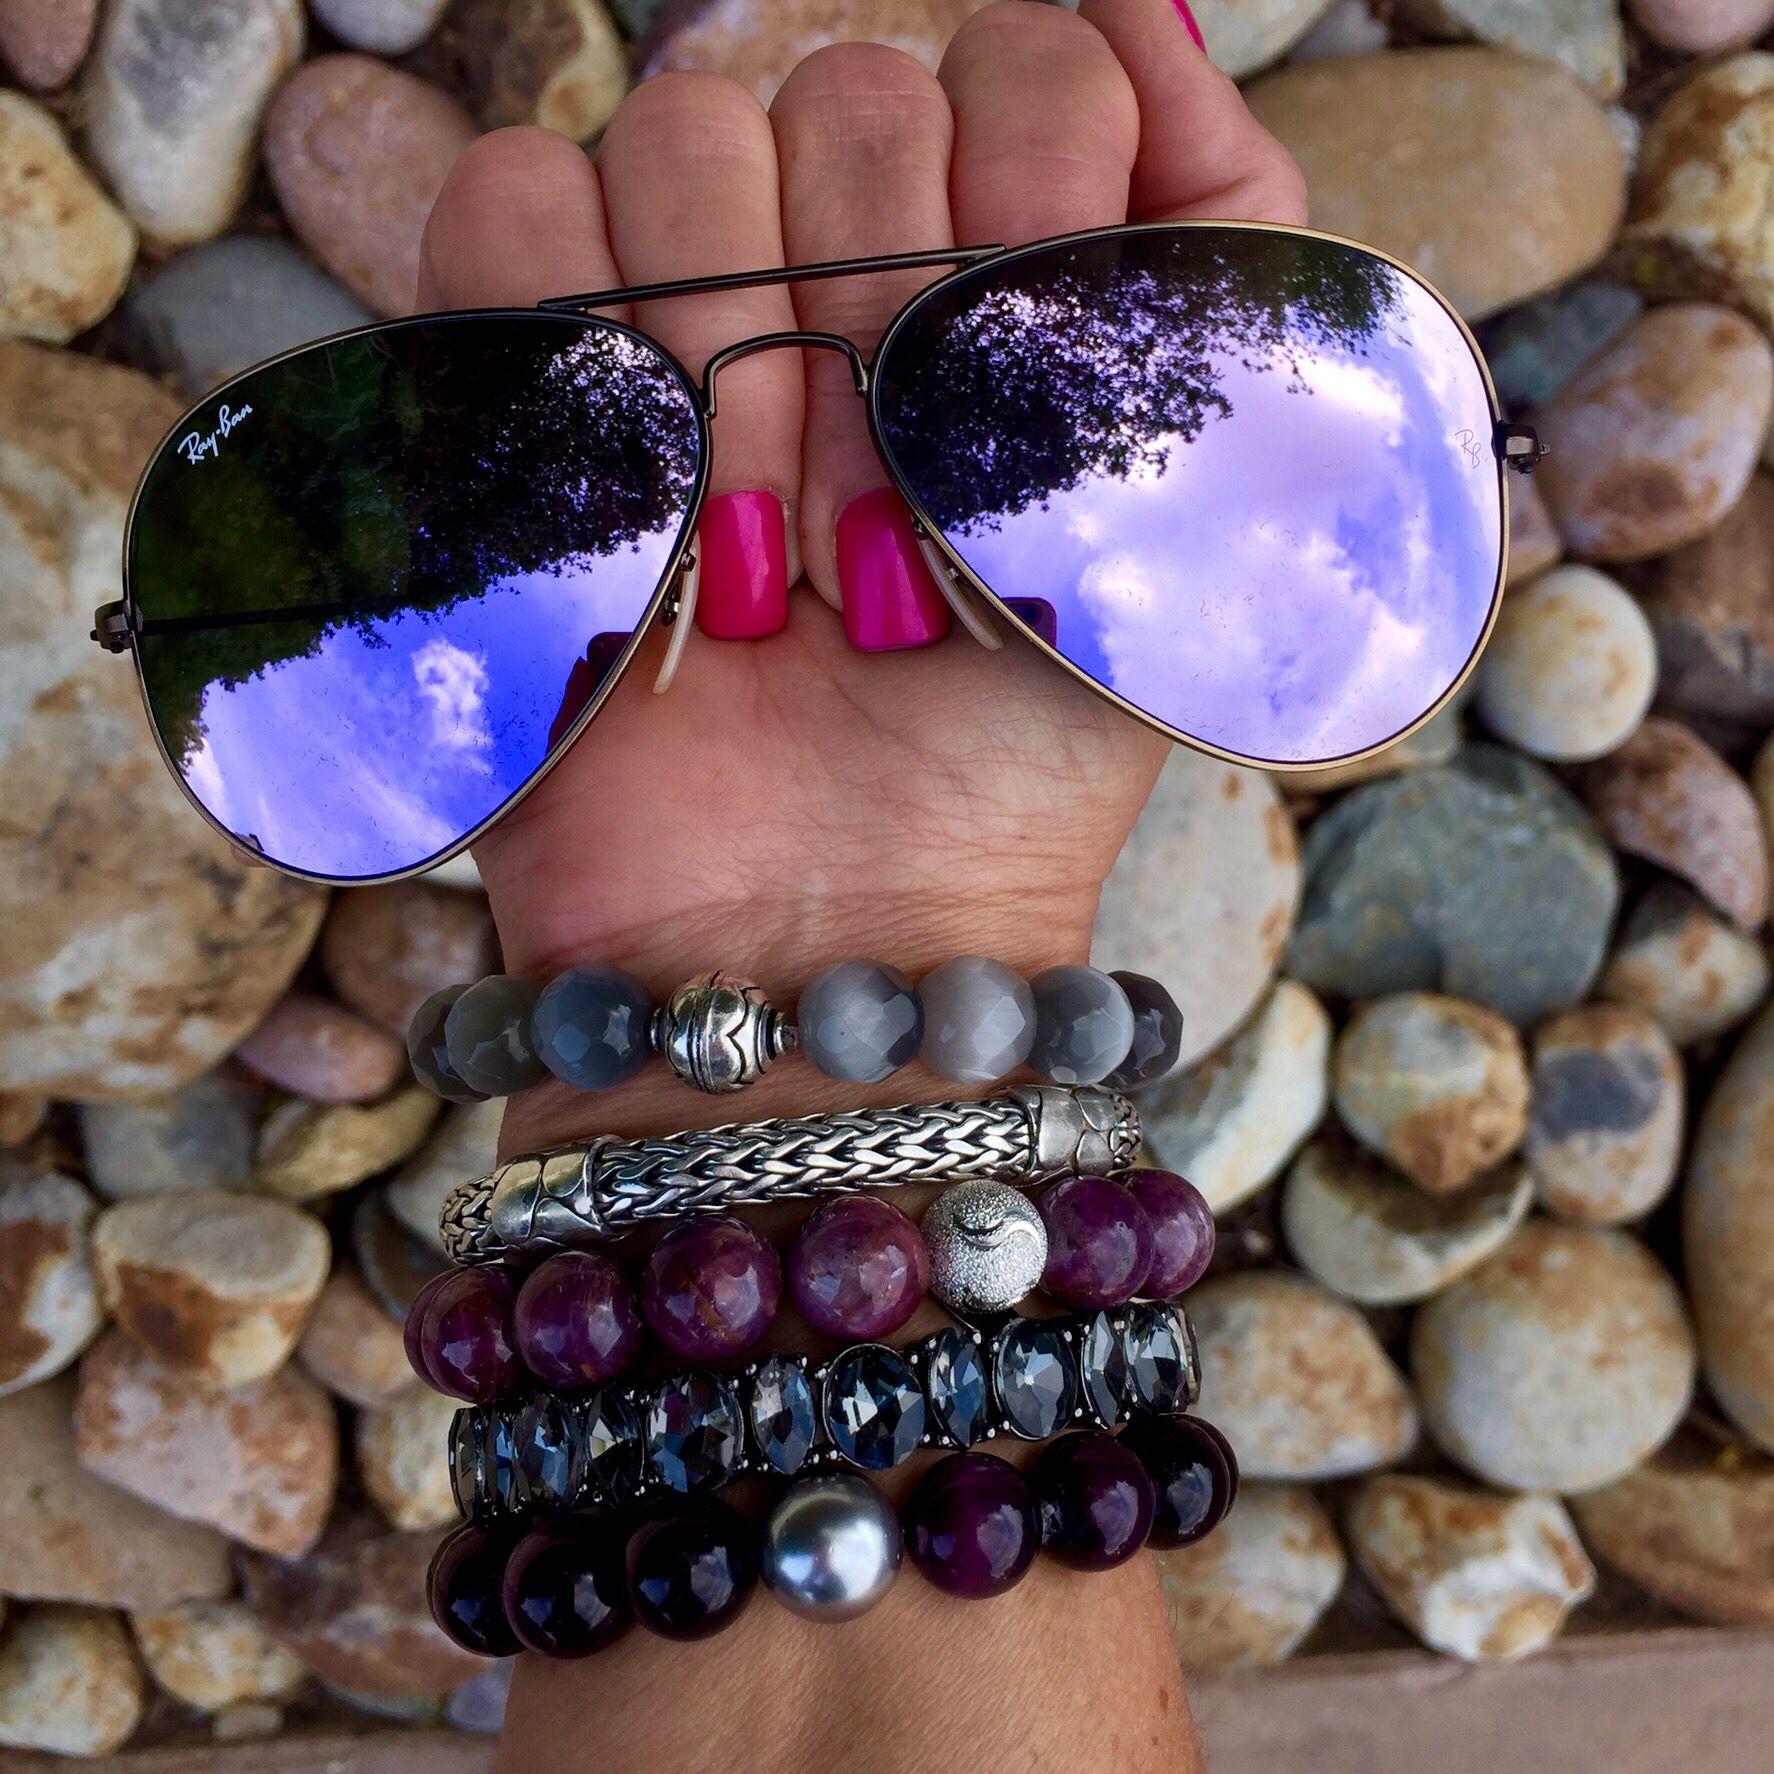 516b886e6 O óculos perfeito para seu fim de semana! #rayban #aviador #roxo #espelhado  #classico #musthave #sunglasses #rb #3025 #compreonline #shoponline  #oticaswanny